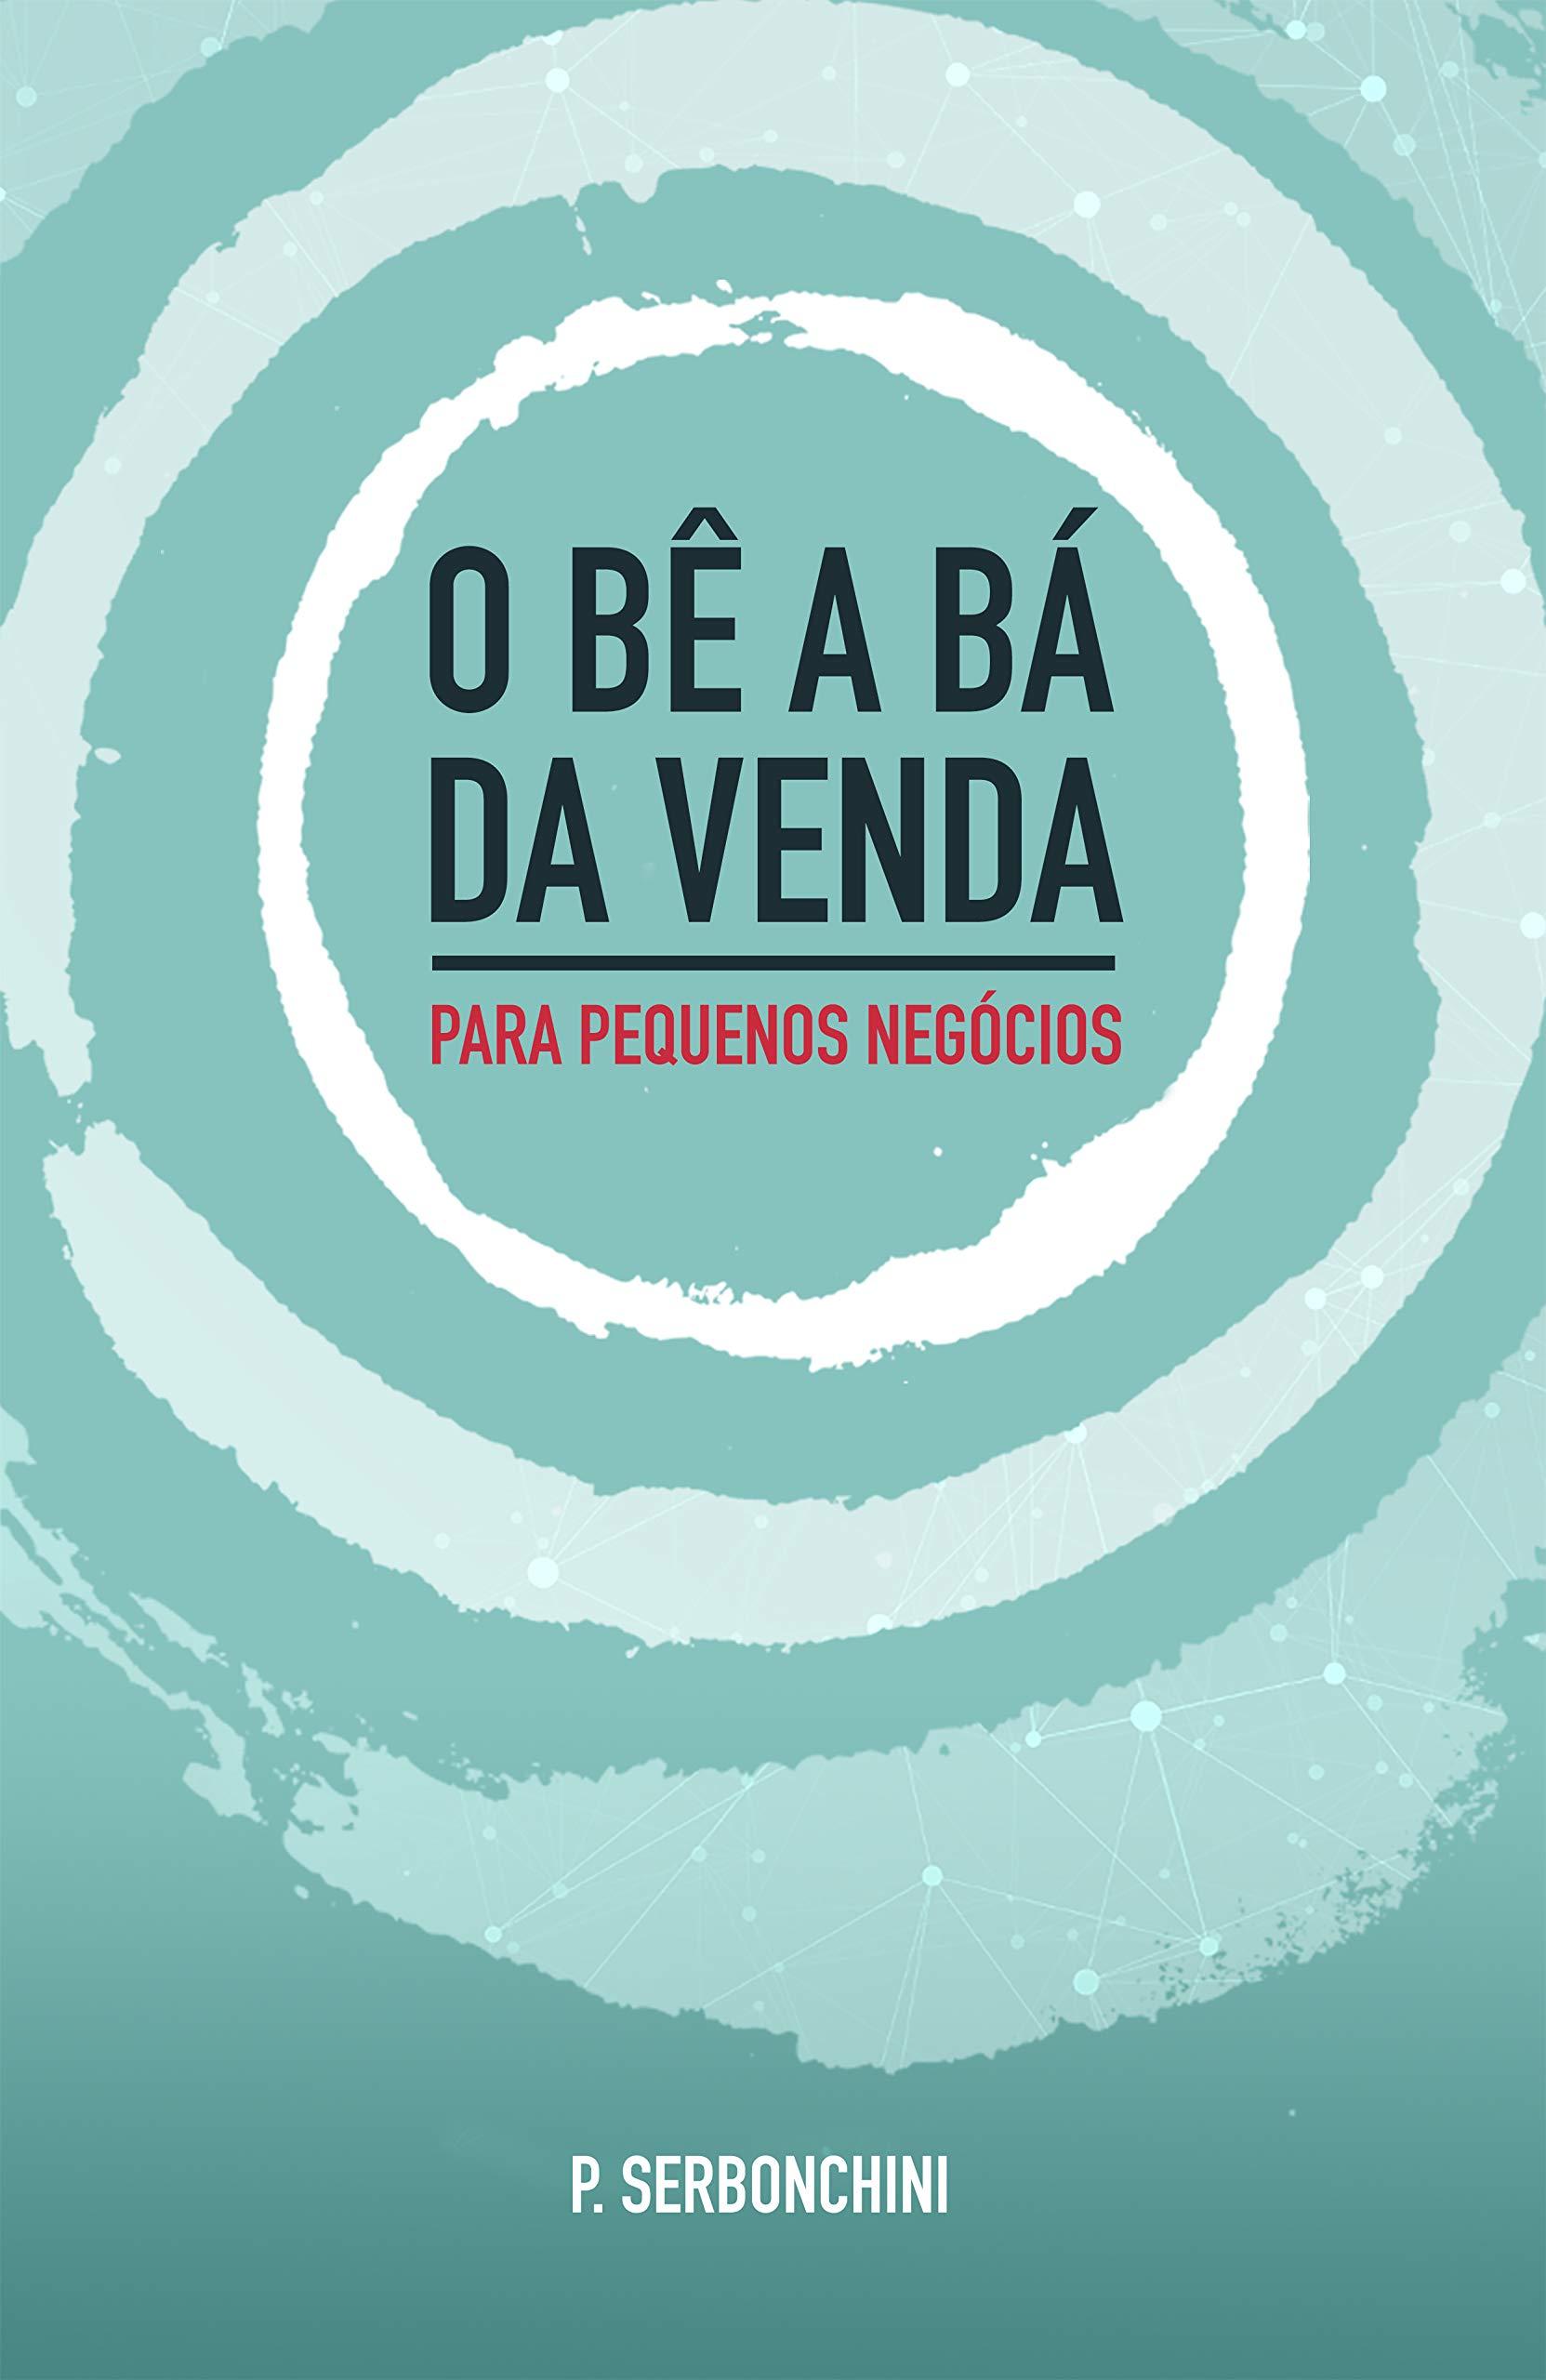 Atendimento: O bê a bá da venda - Para pequenos negócios (Portuguese Edition)